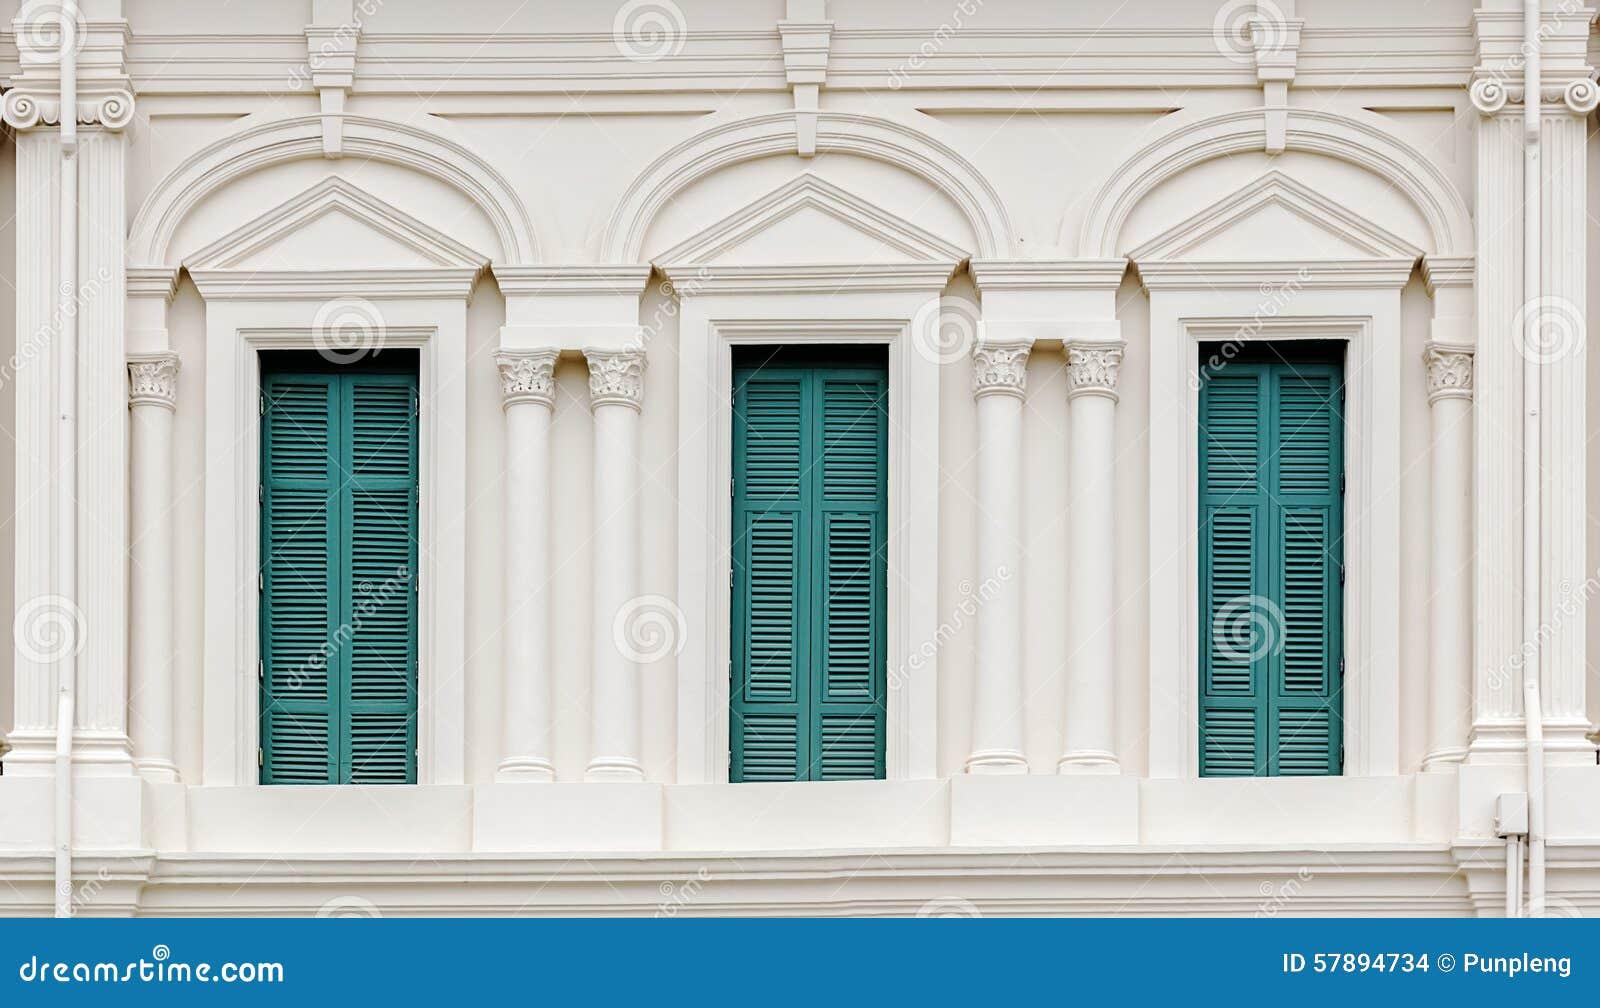 europ isches art fenster mit gr nen fensterl den stockfoto bild 57894734. Black Bedroom Furniture Sets. Home Design Ideas